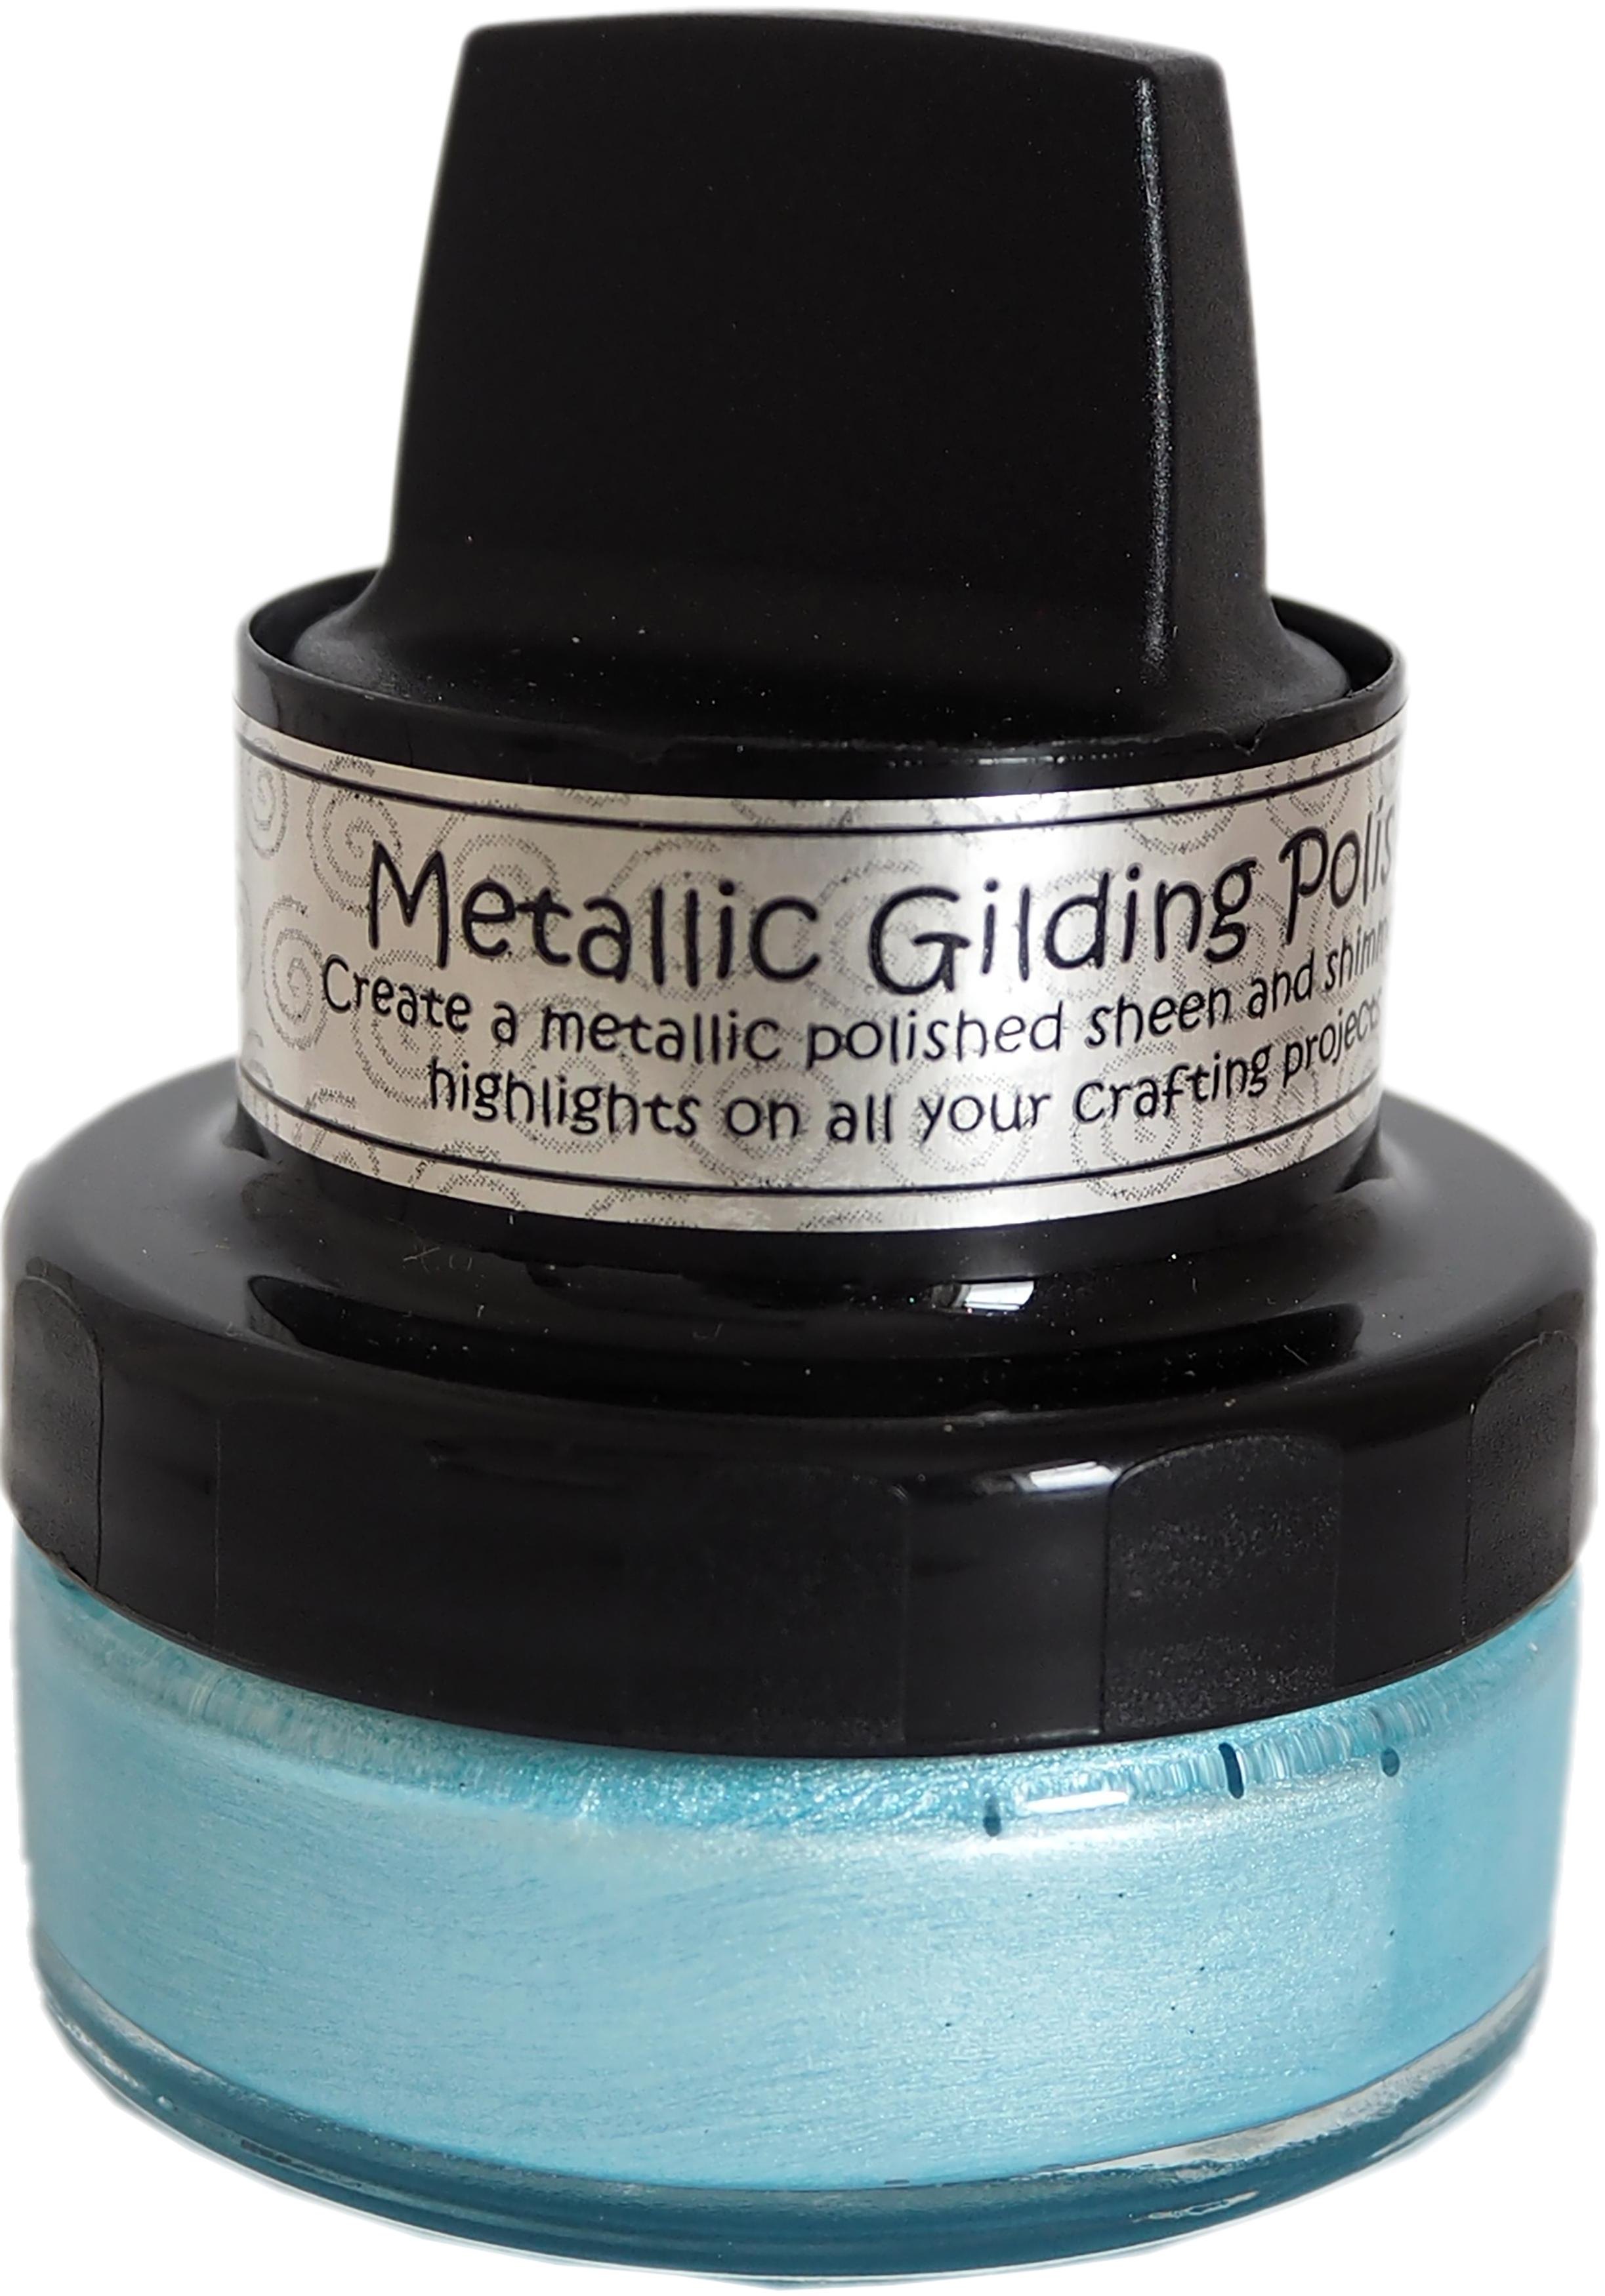 Cosmic Shimmer Metallic Gilding Polish Powder Blue